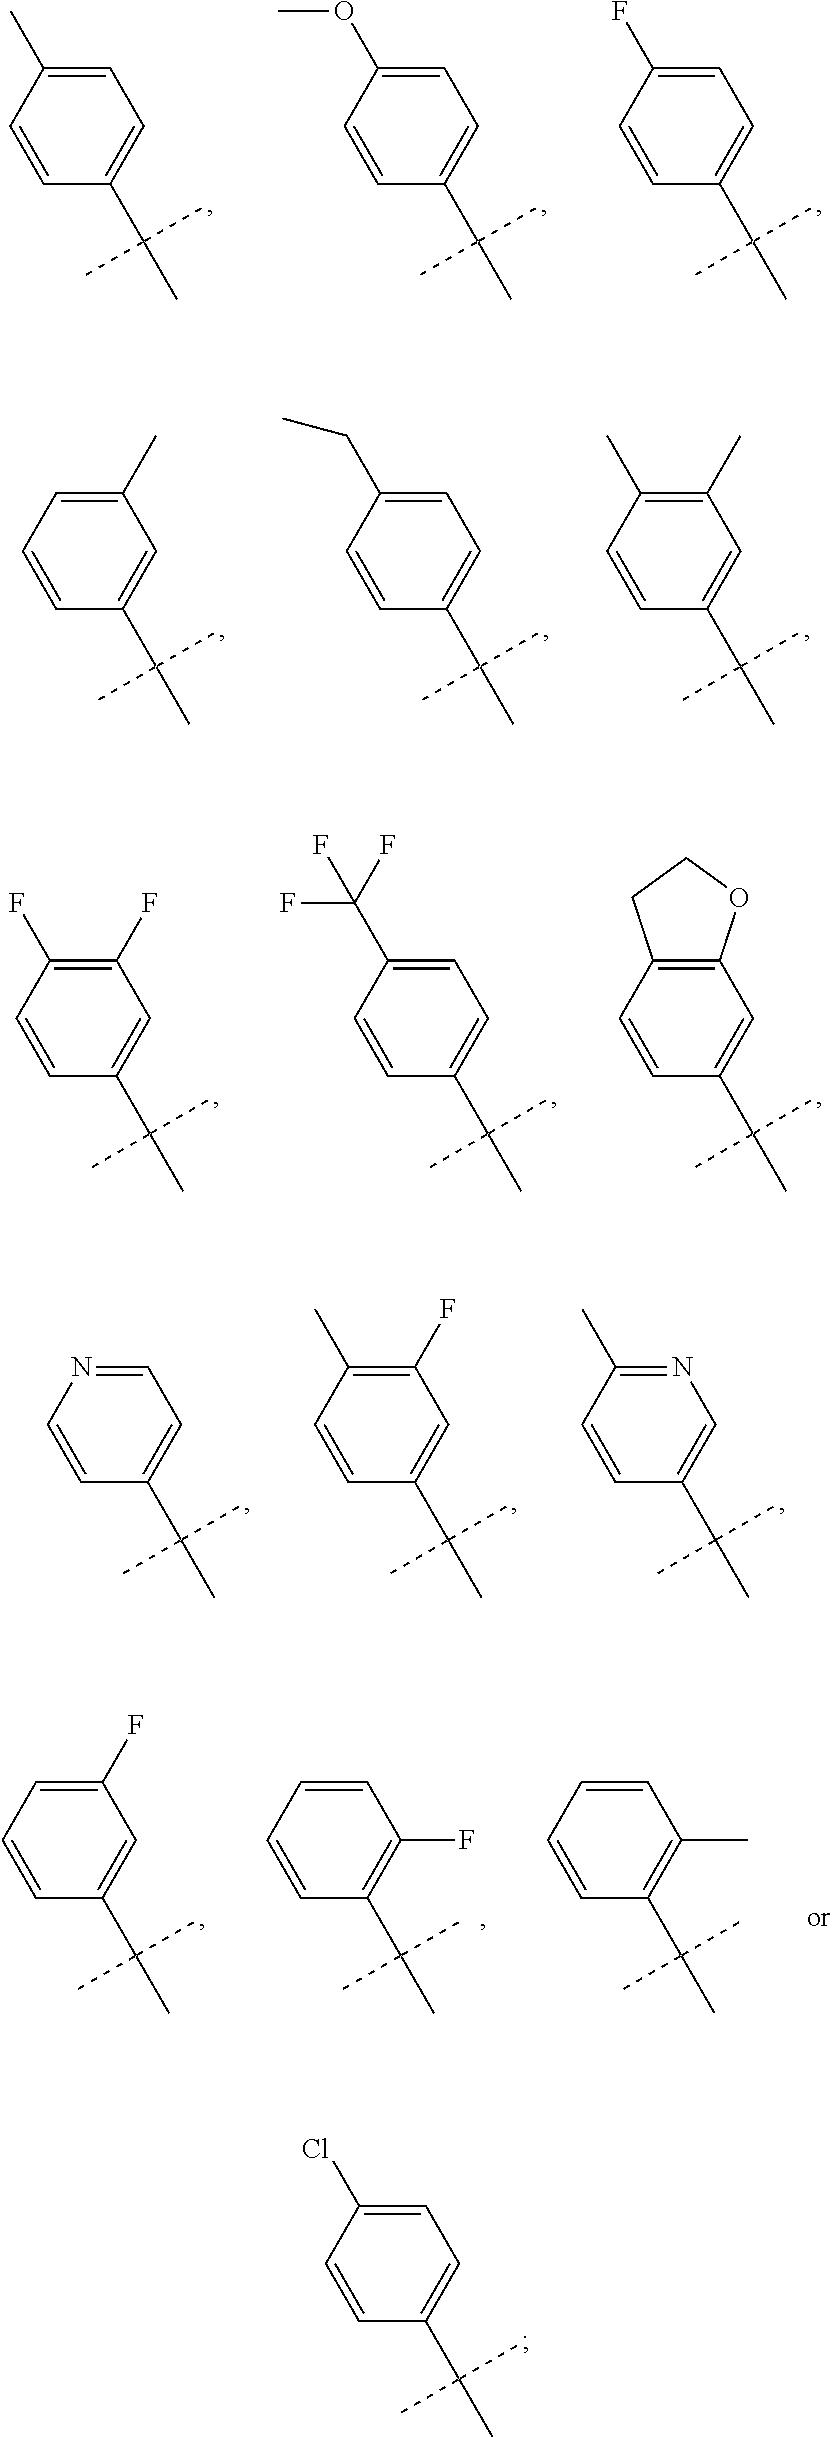 Figure US20150005311A1-20150101-C00056